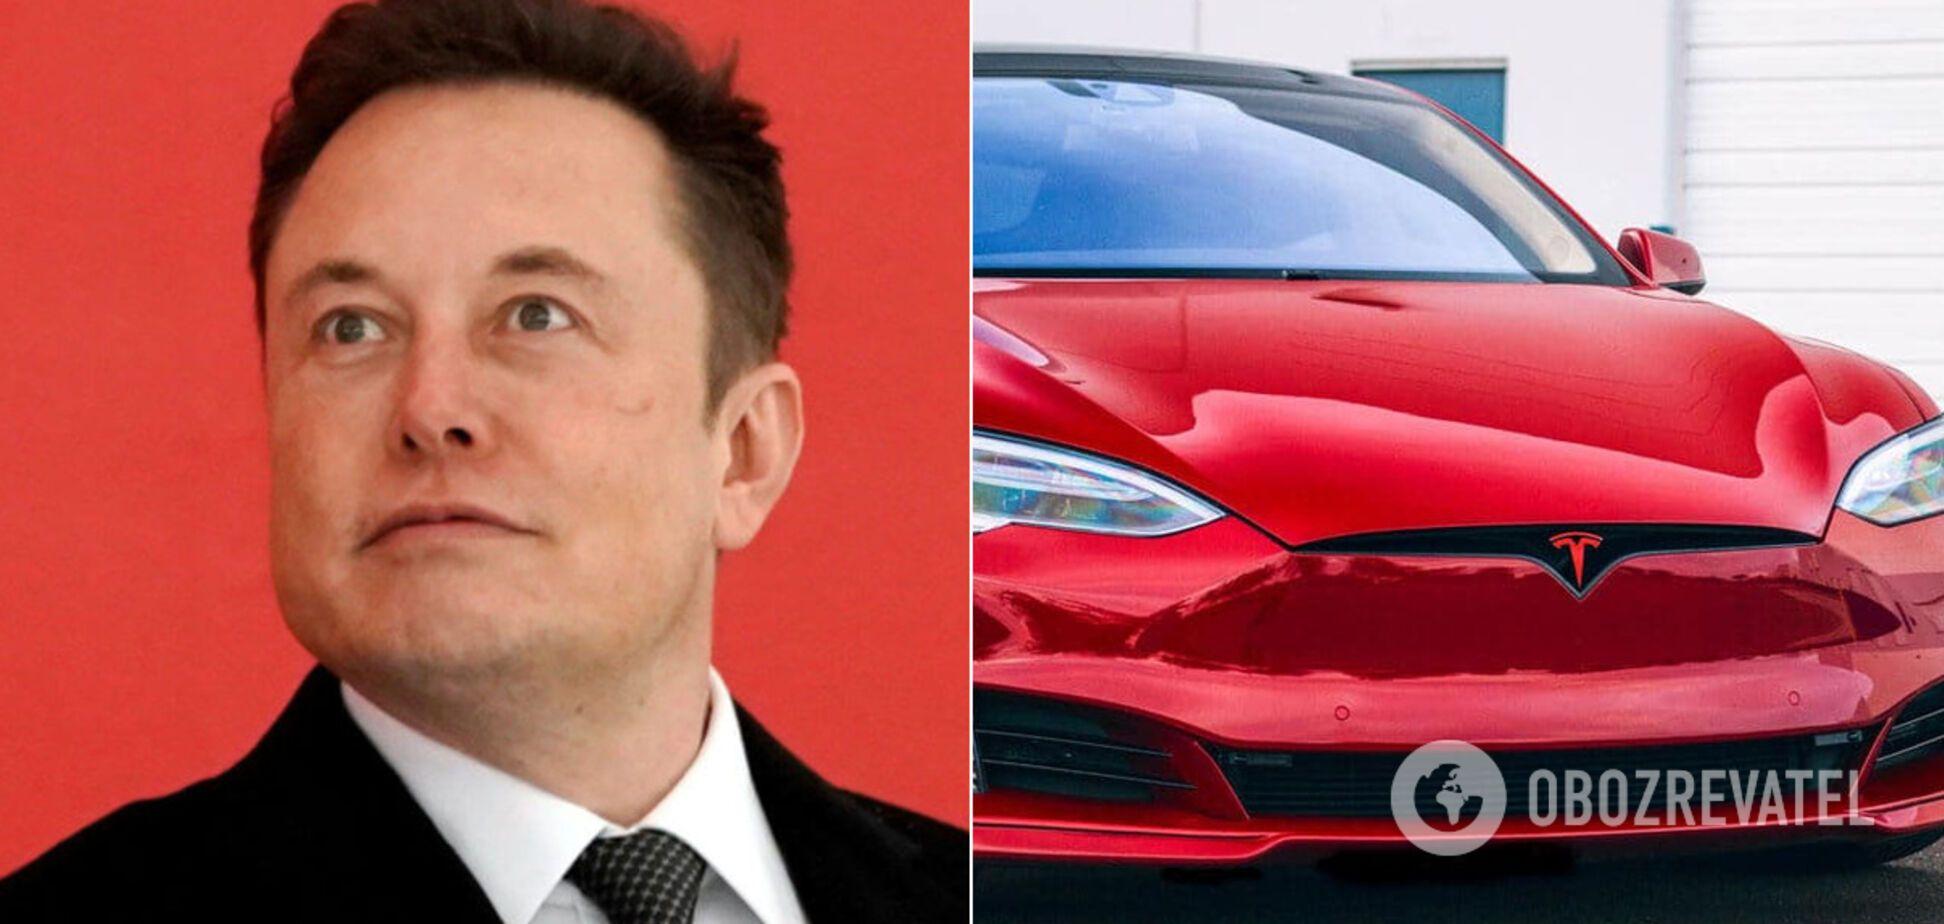 Електромобілі Tesla можуть істотно подешевшати: Маск ухвалив історичне рішення